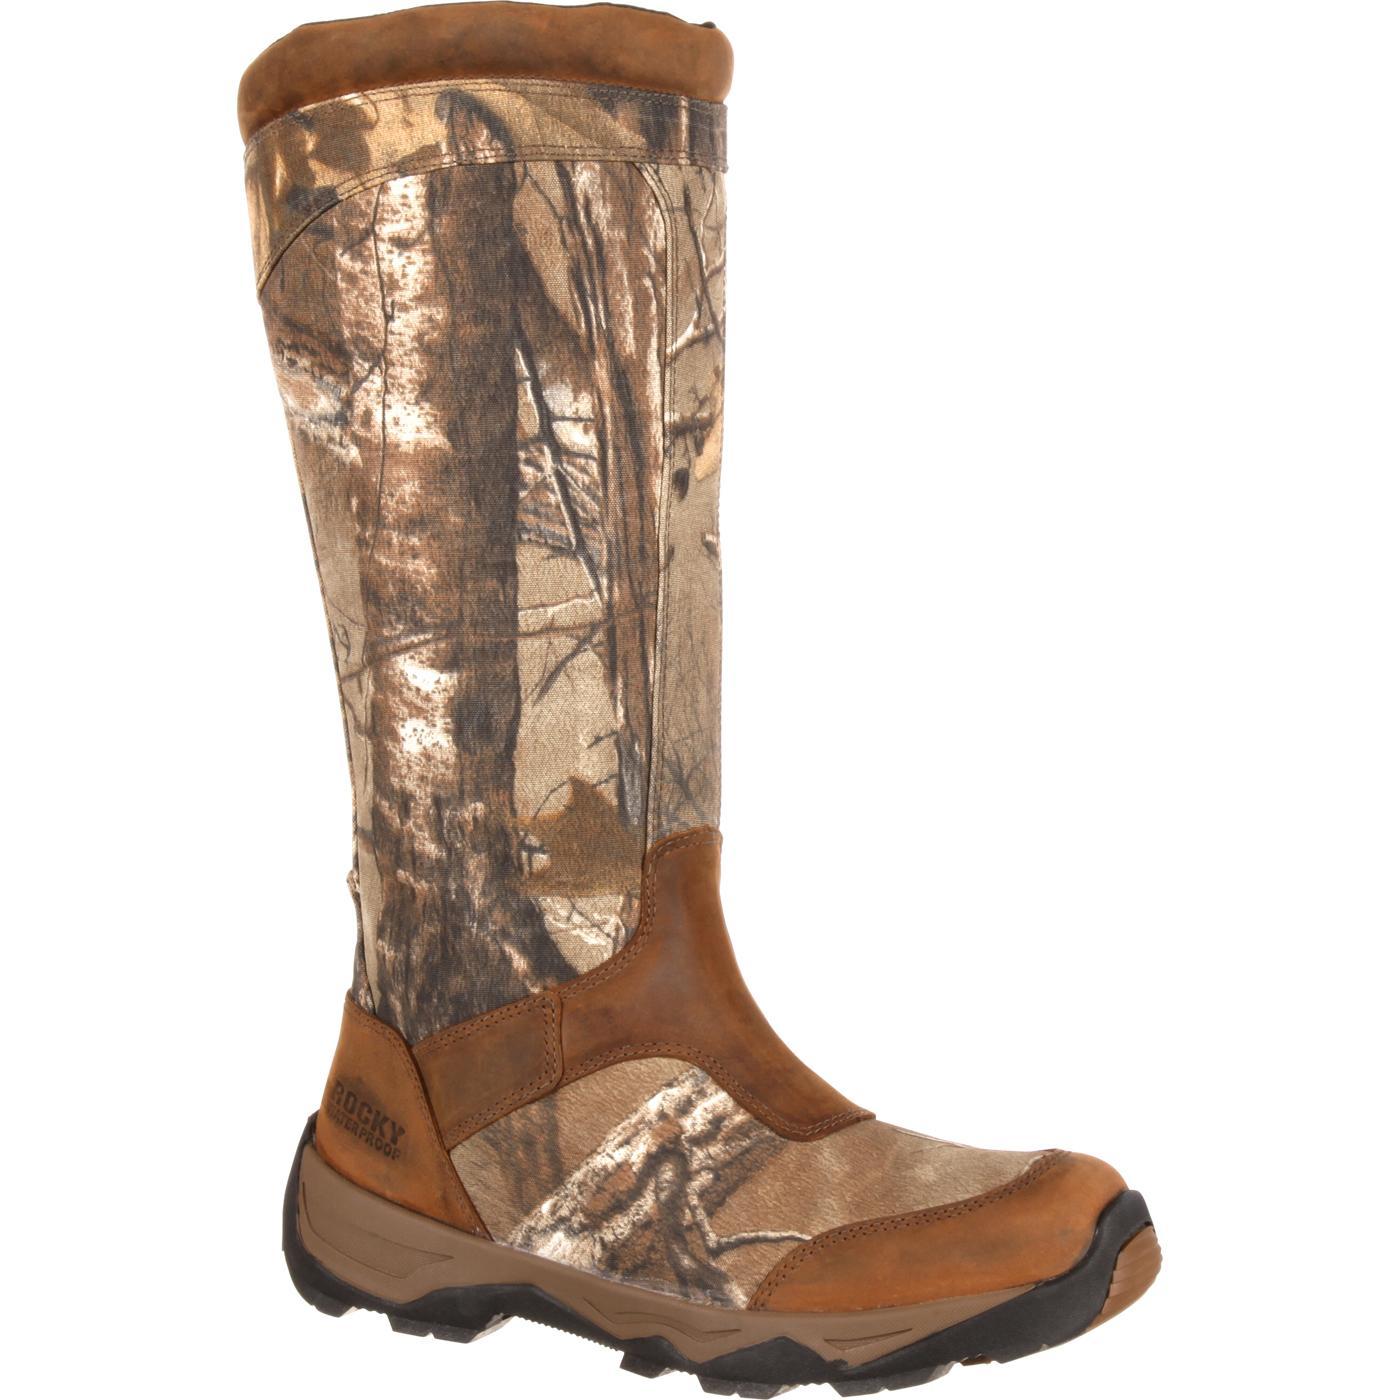 d54c9d39736b0 Rocky Retraction Waterproof Side-Zip Snake Boot